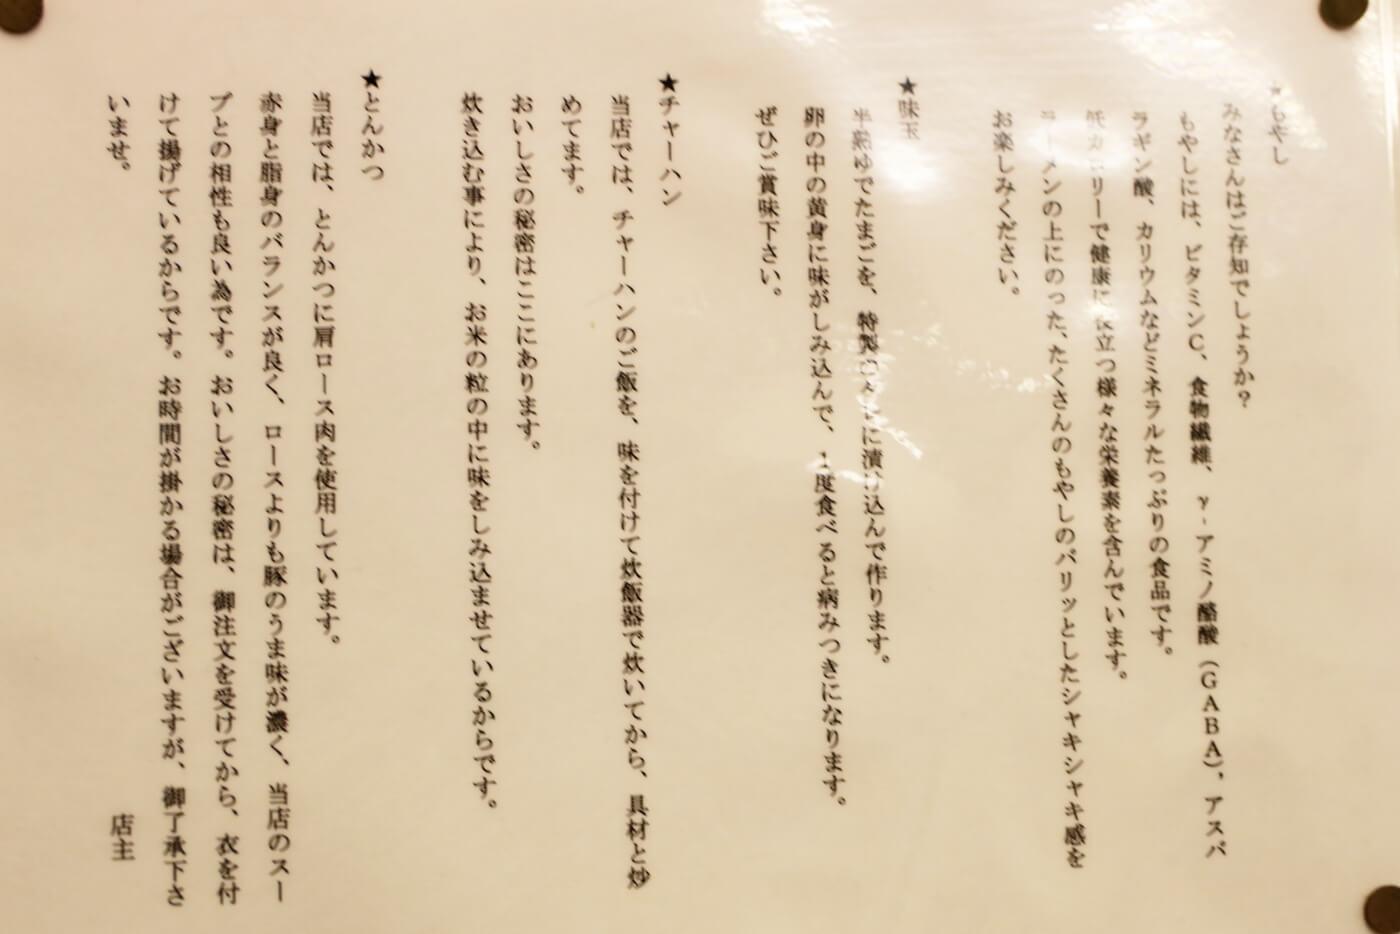 高知市にあるラーメン屋さん鈴木食堂のこだわり